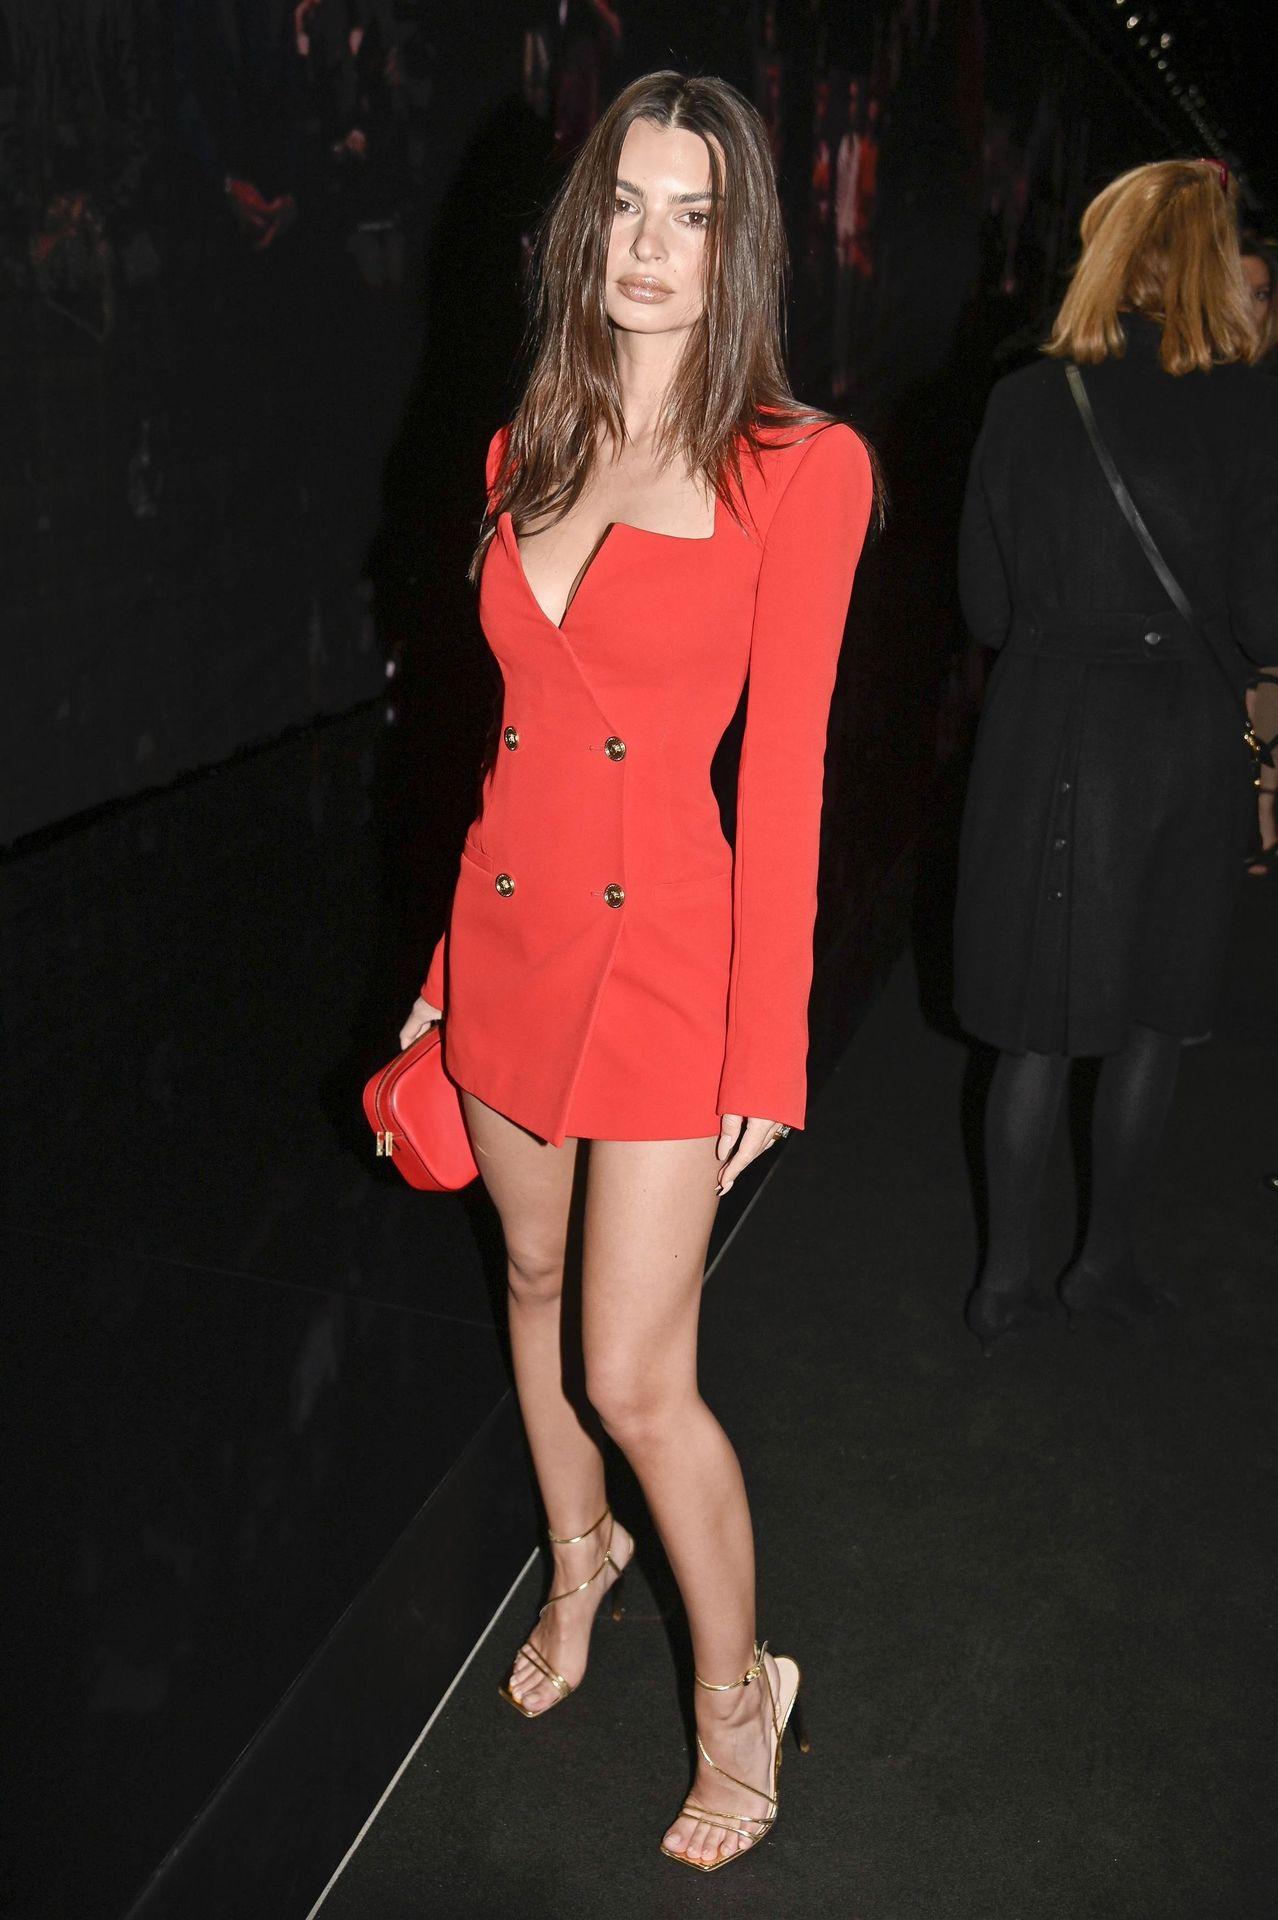 Emily Ratajkowski Stuns At The Versace Fashion Show During Milan Fashion Week 0036